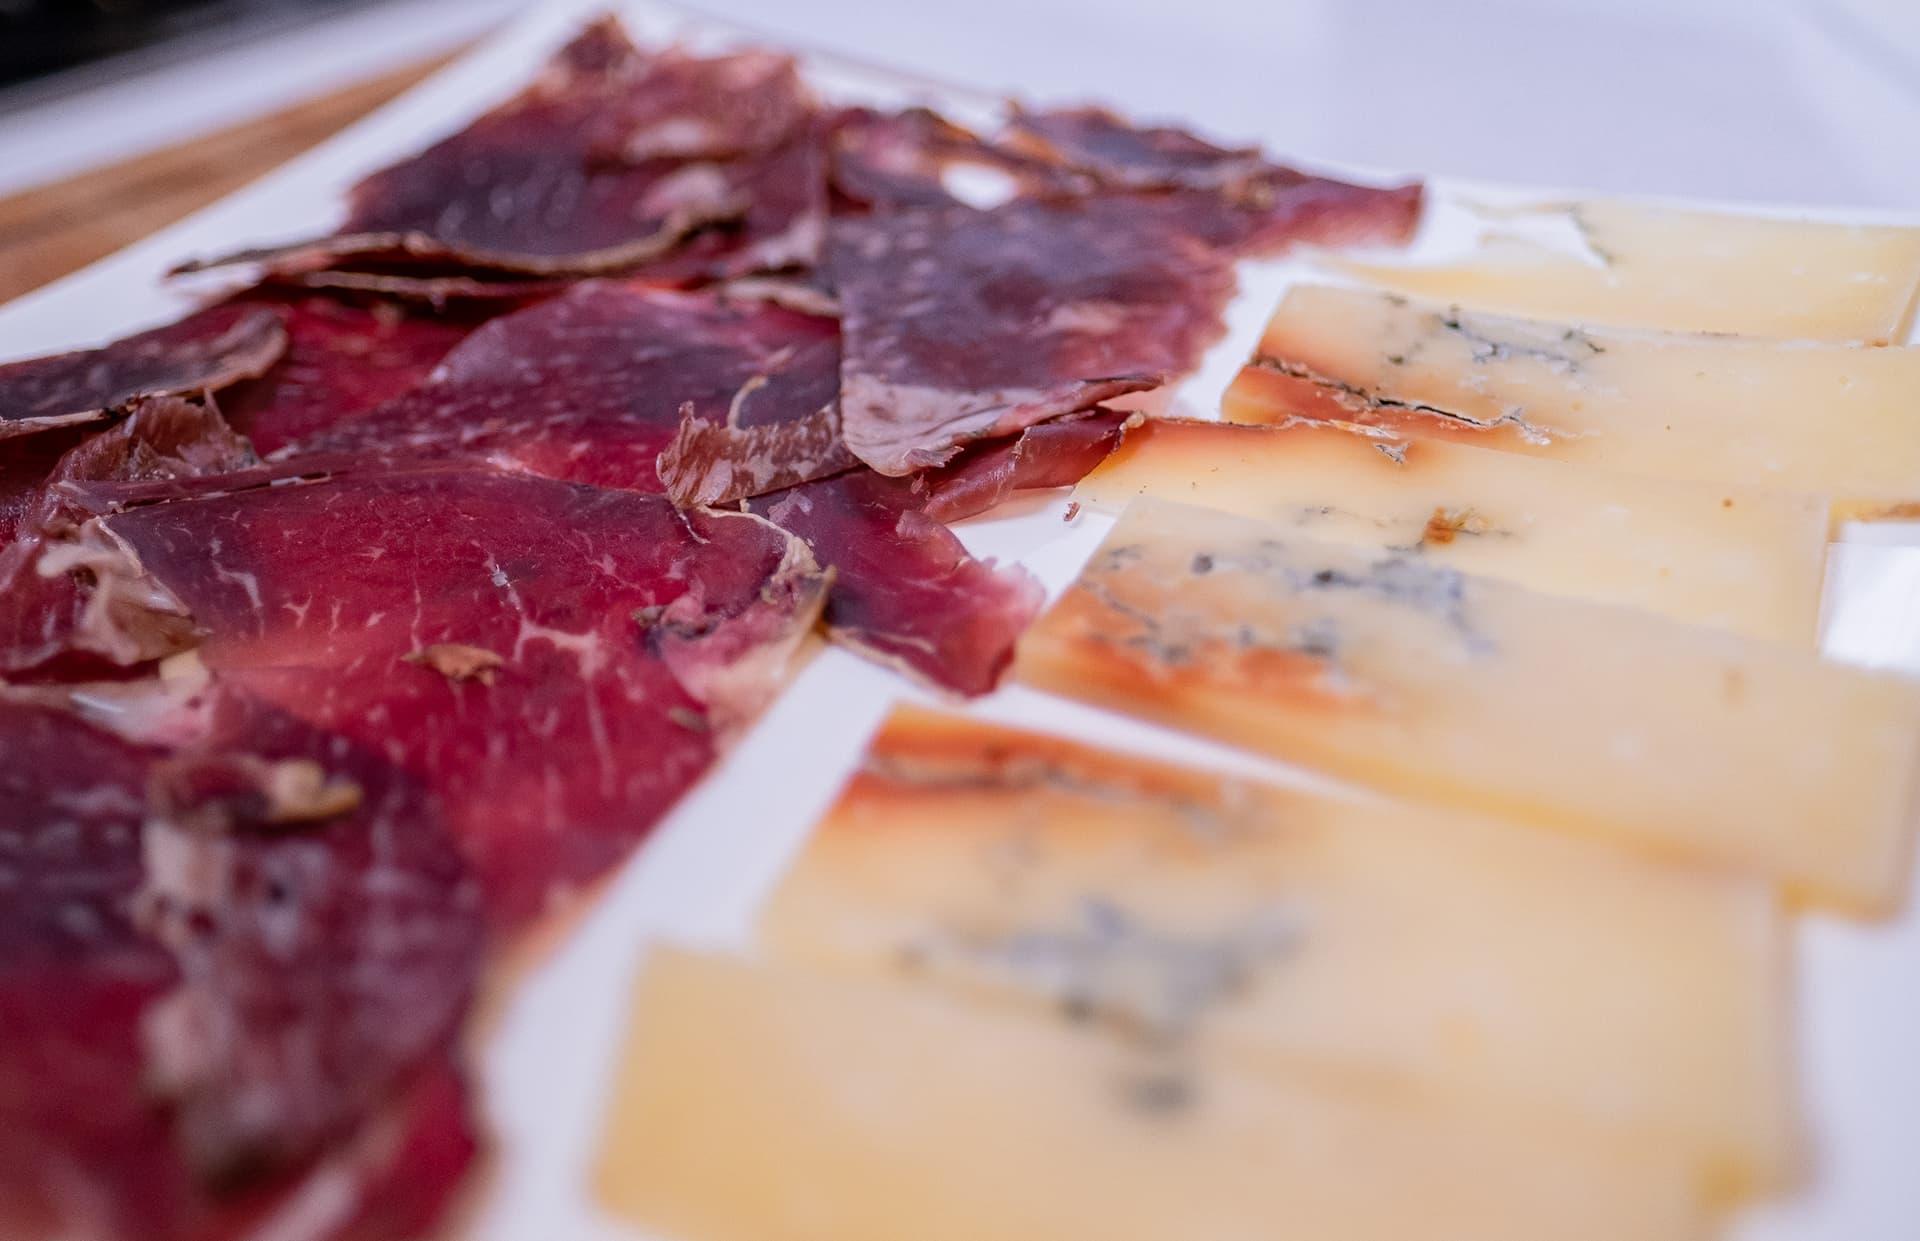 cecina y queso de León